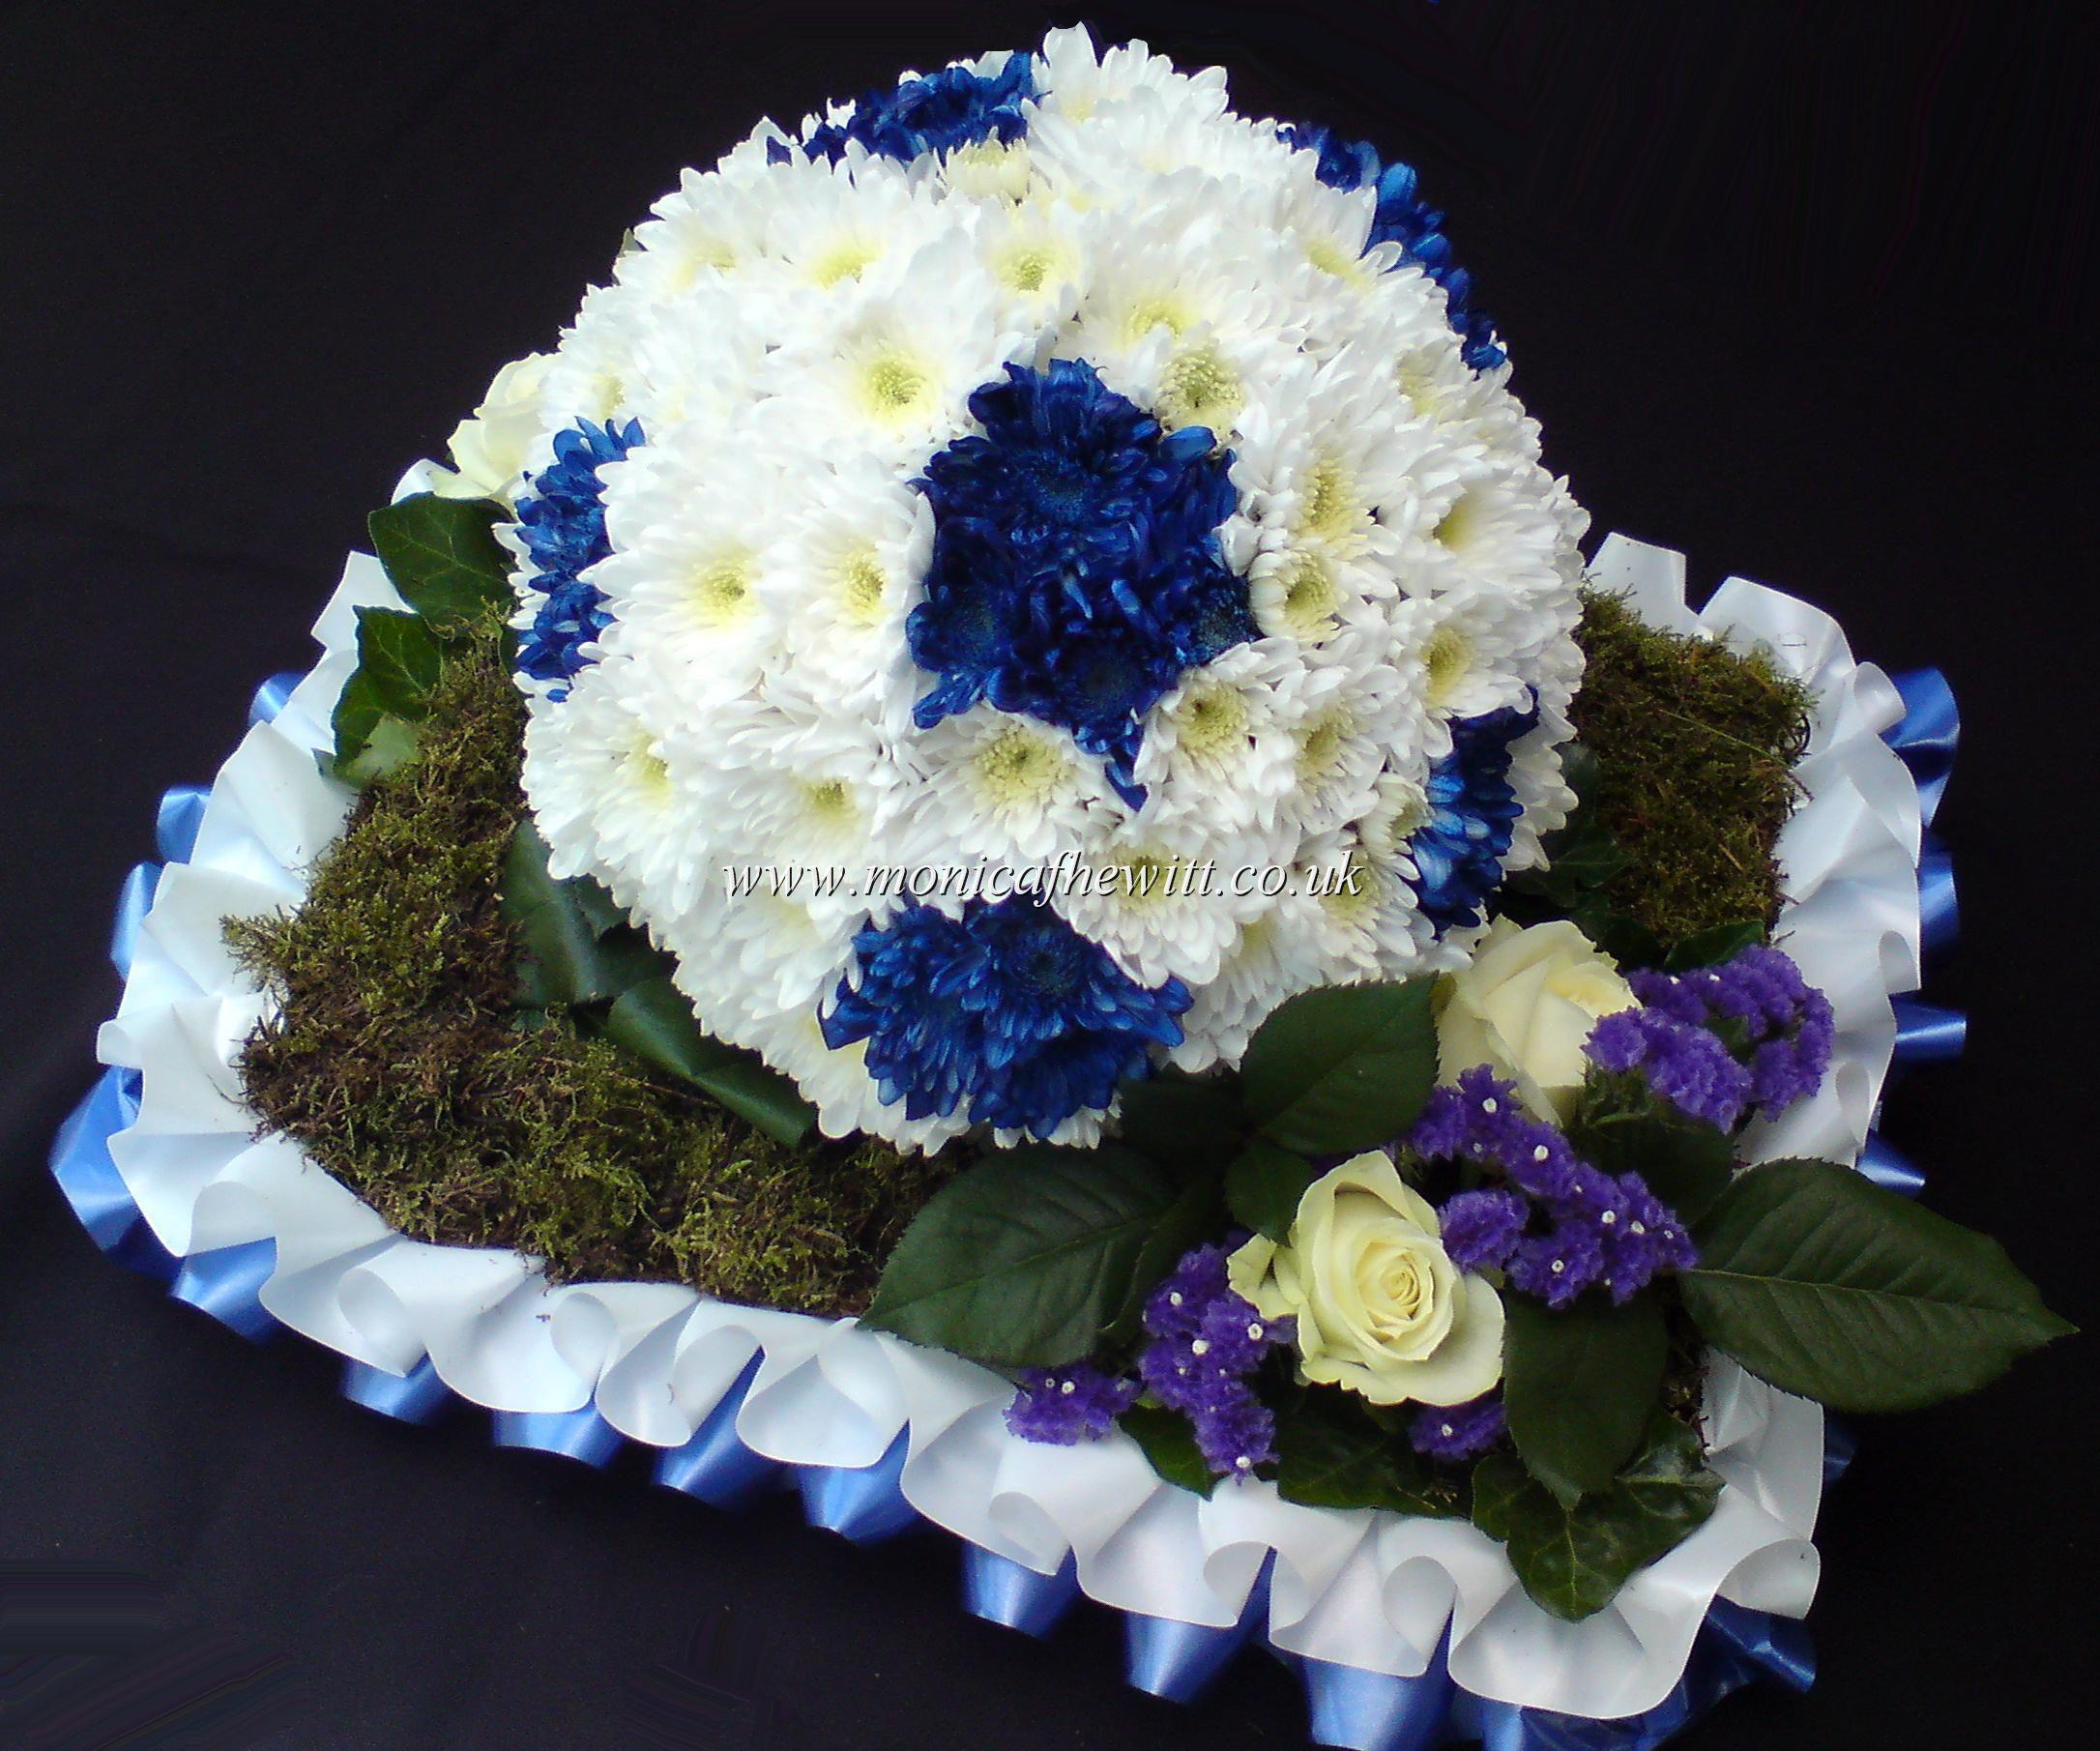 Football funeral flowers monica f hewitt florist sheffield decor football funeral flowers monica f hewitt florist sheffield izmirmasajfo